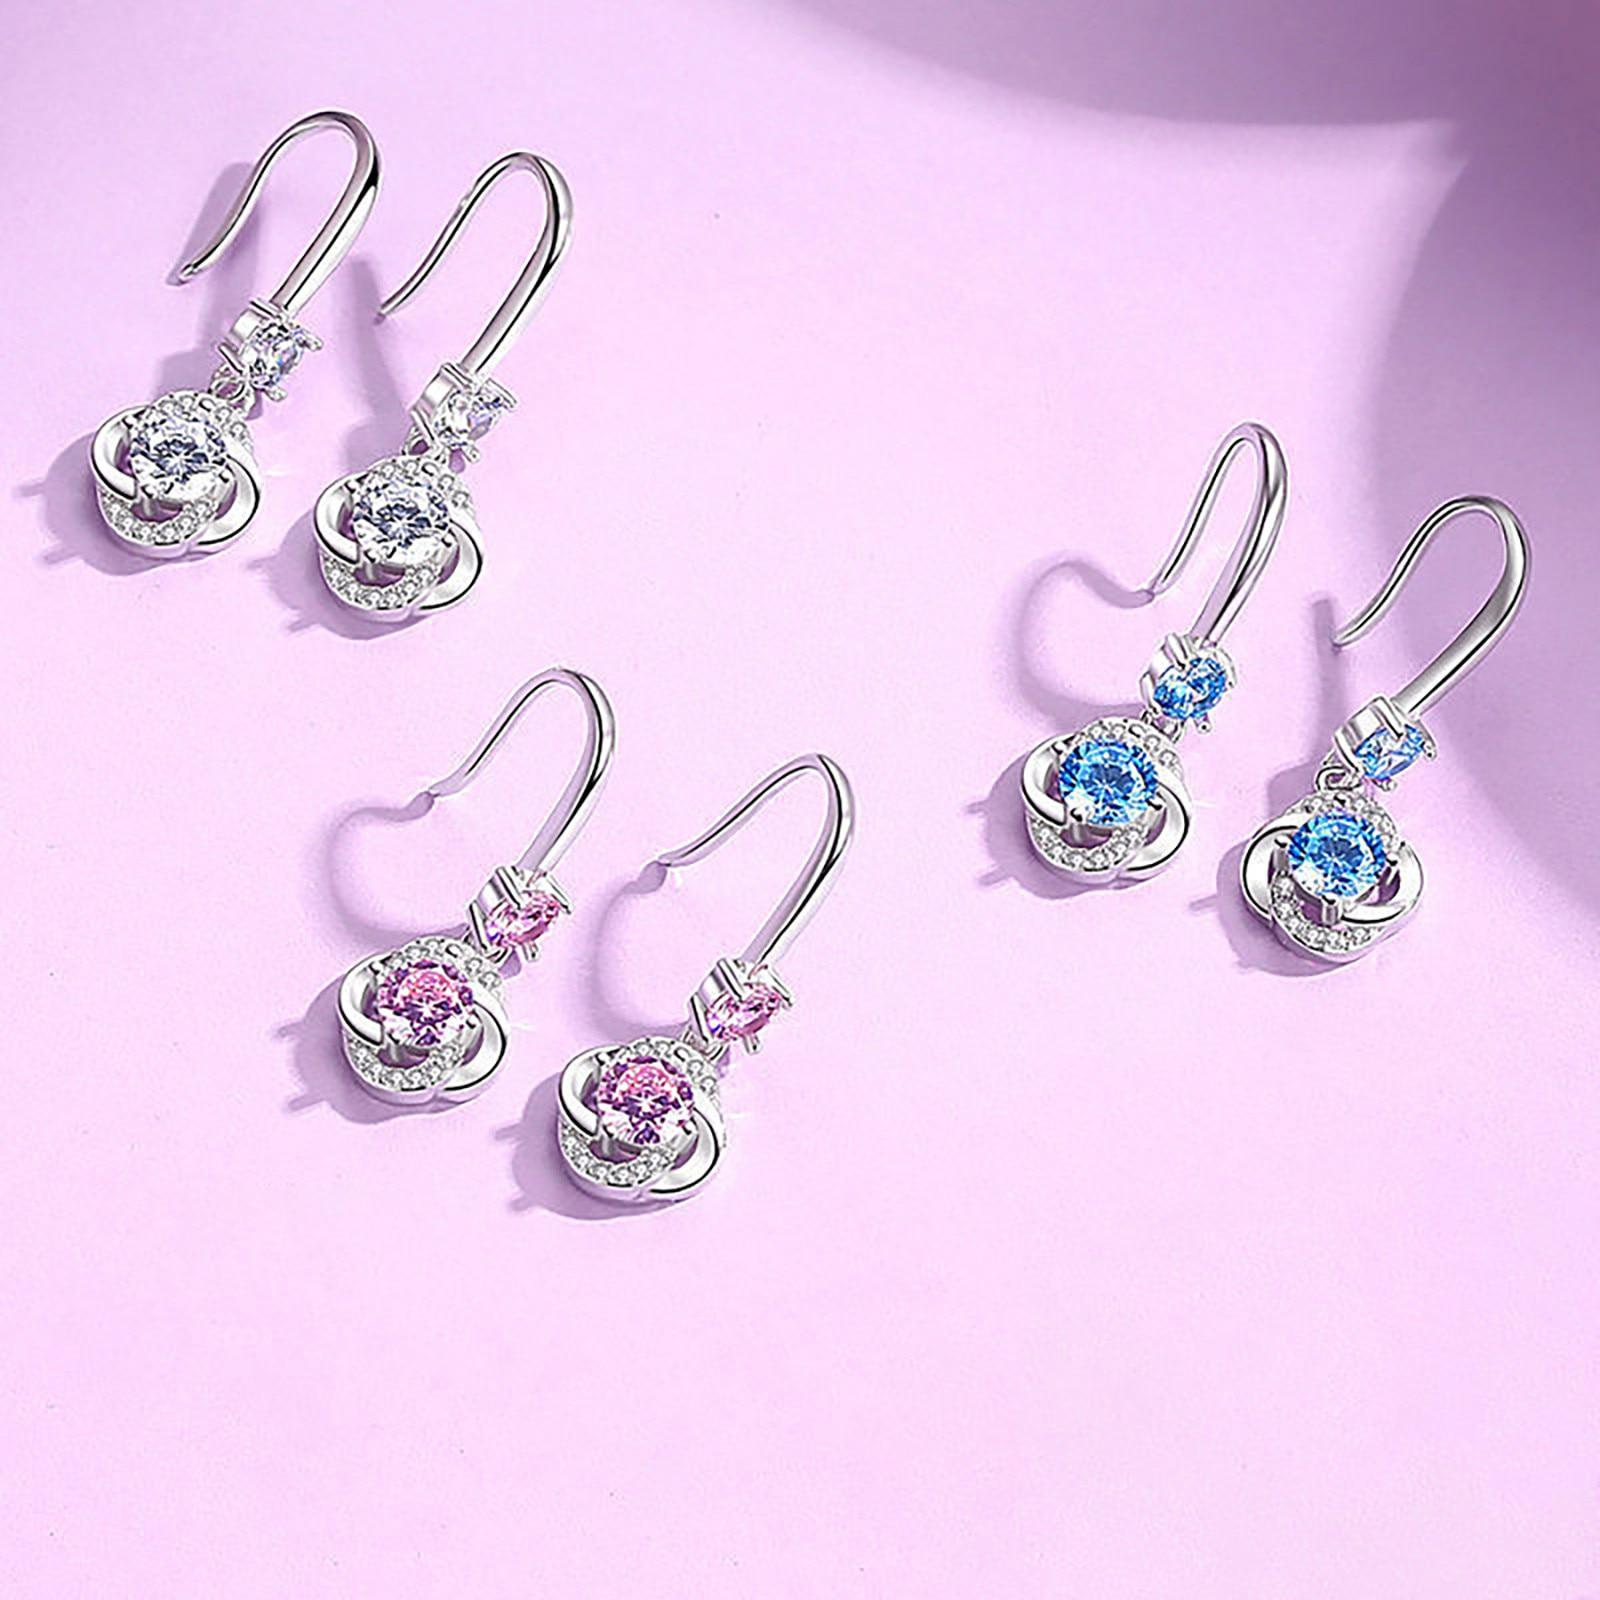 Серьги-подвески женские с кристаллами, висячие ювелирные украшения со стразами из драгоценных камней, подарок на Рождество